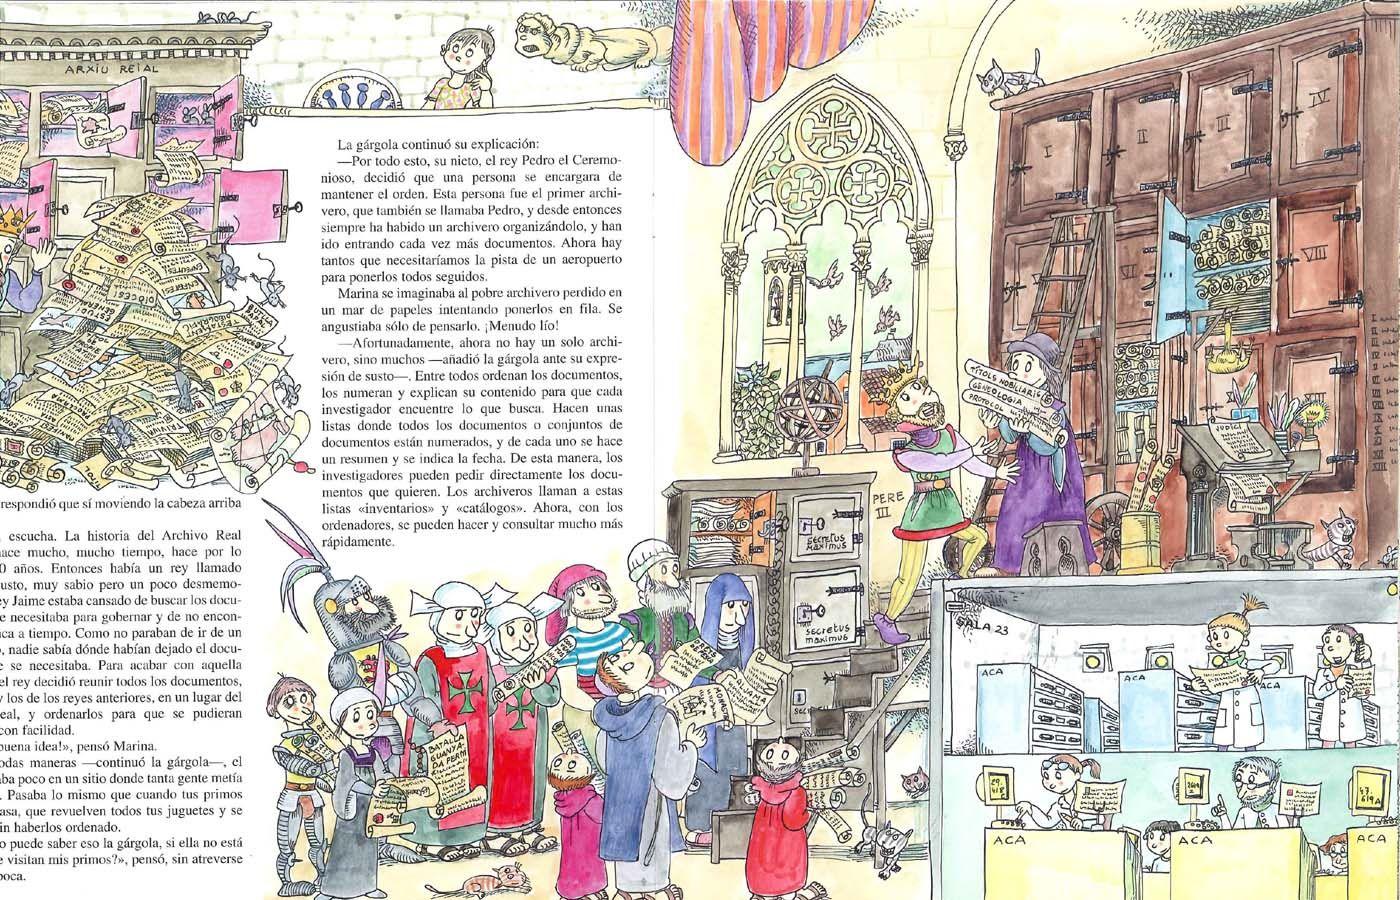 Pequeña historia del Archivo de la Corona de Aragón ilustrado por Pilarín Bayés. Publicado por Mediterrània, 2006.